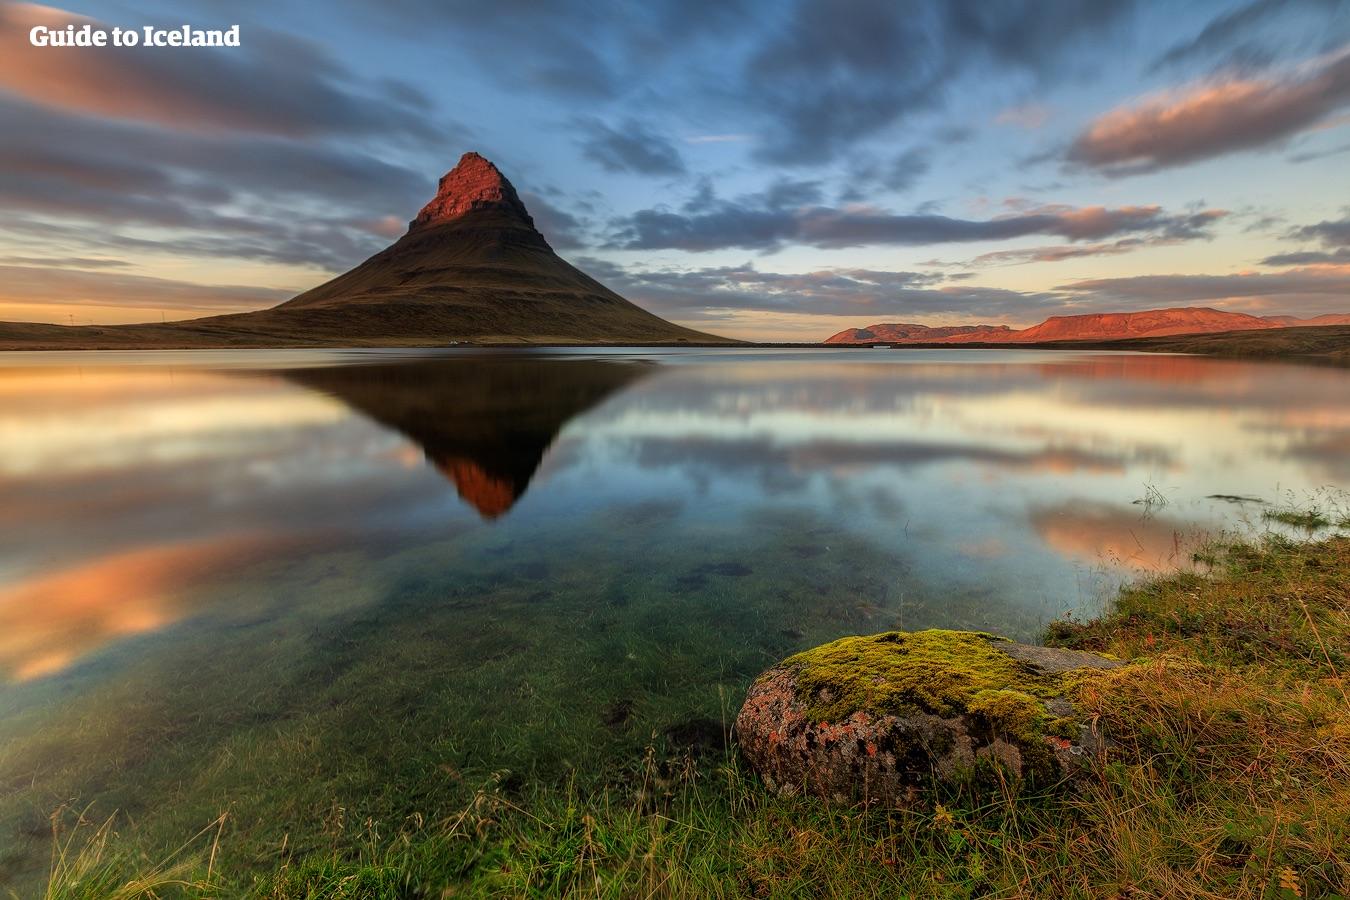 13-dniowa budżetowa, samodzielna wycieczka po całej obwodnicy Islandii z wodospadami i Fiordami Zachodnimi - day 10